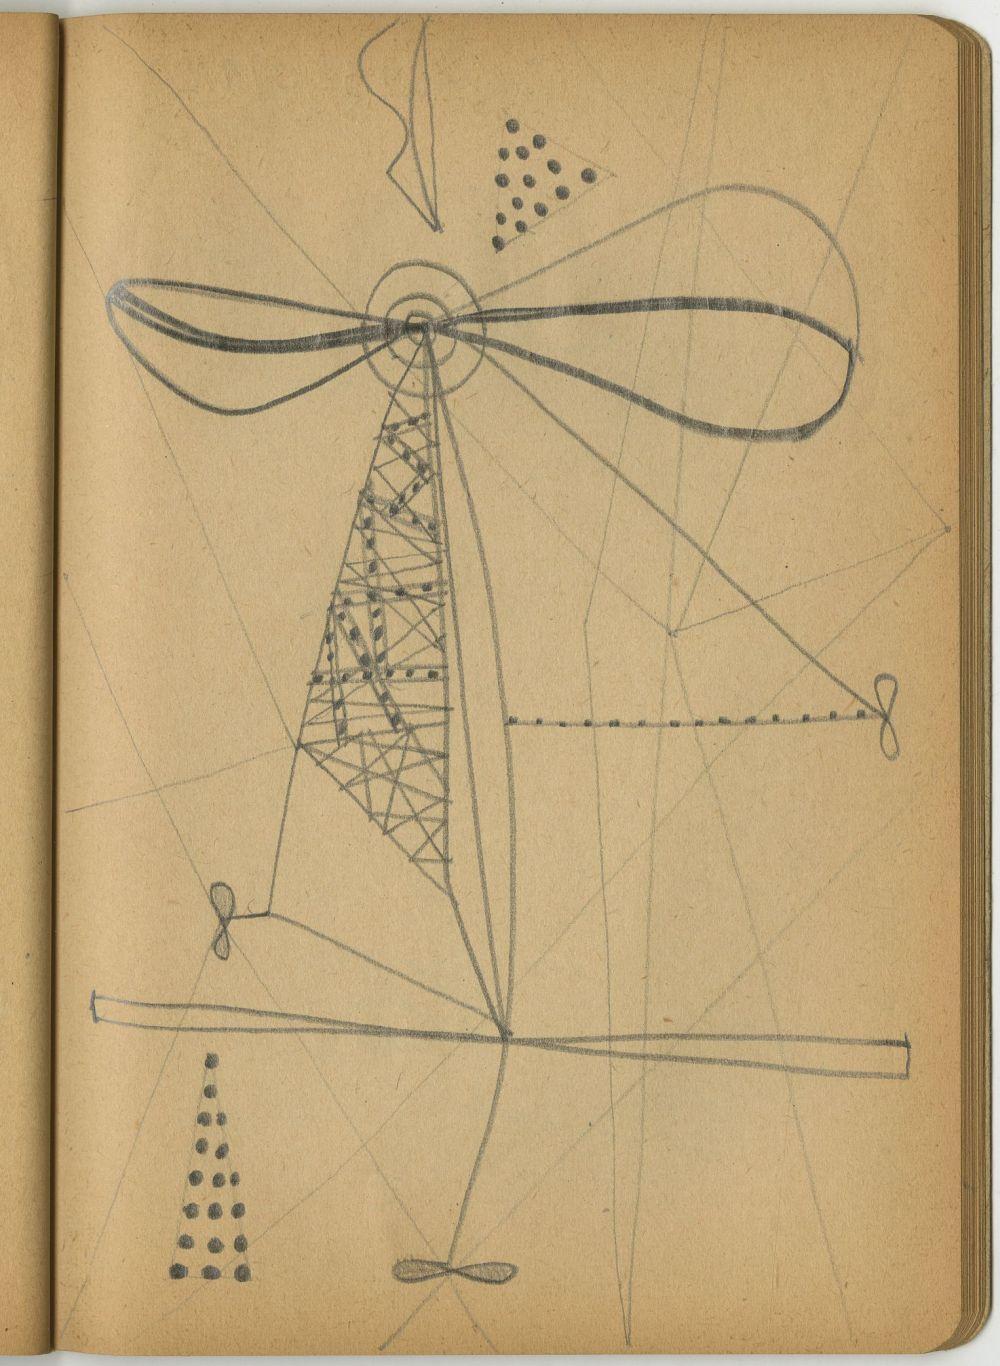 G39391(142)<br/><b>Cím:</b> Cím nélkül<br/><b>Méret (cm):</b> 17,3x11,5<br/><b>Készült:</b> 1948.<br/><b>Technika:</b> ceruza<br/>